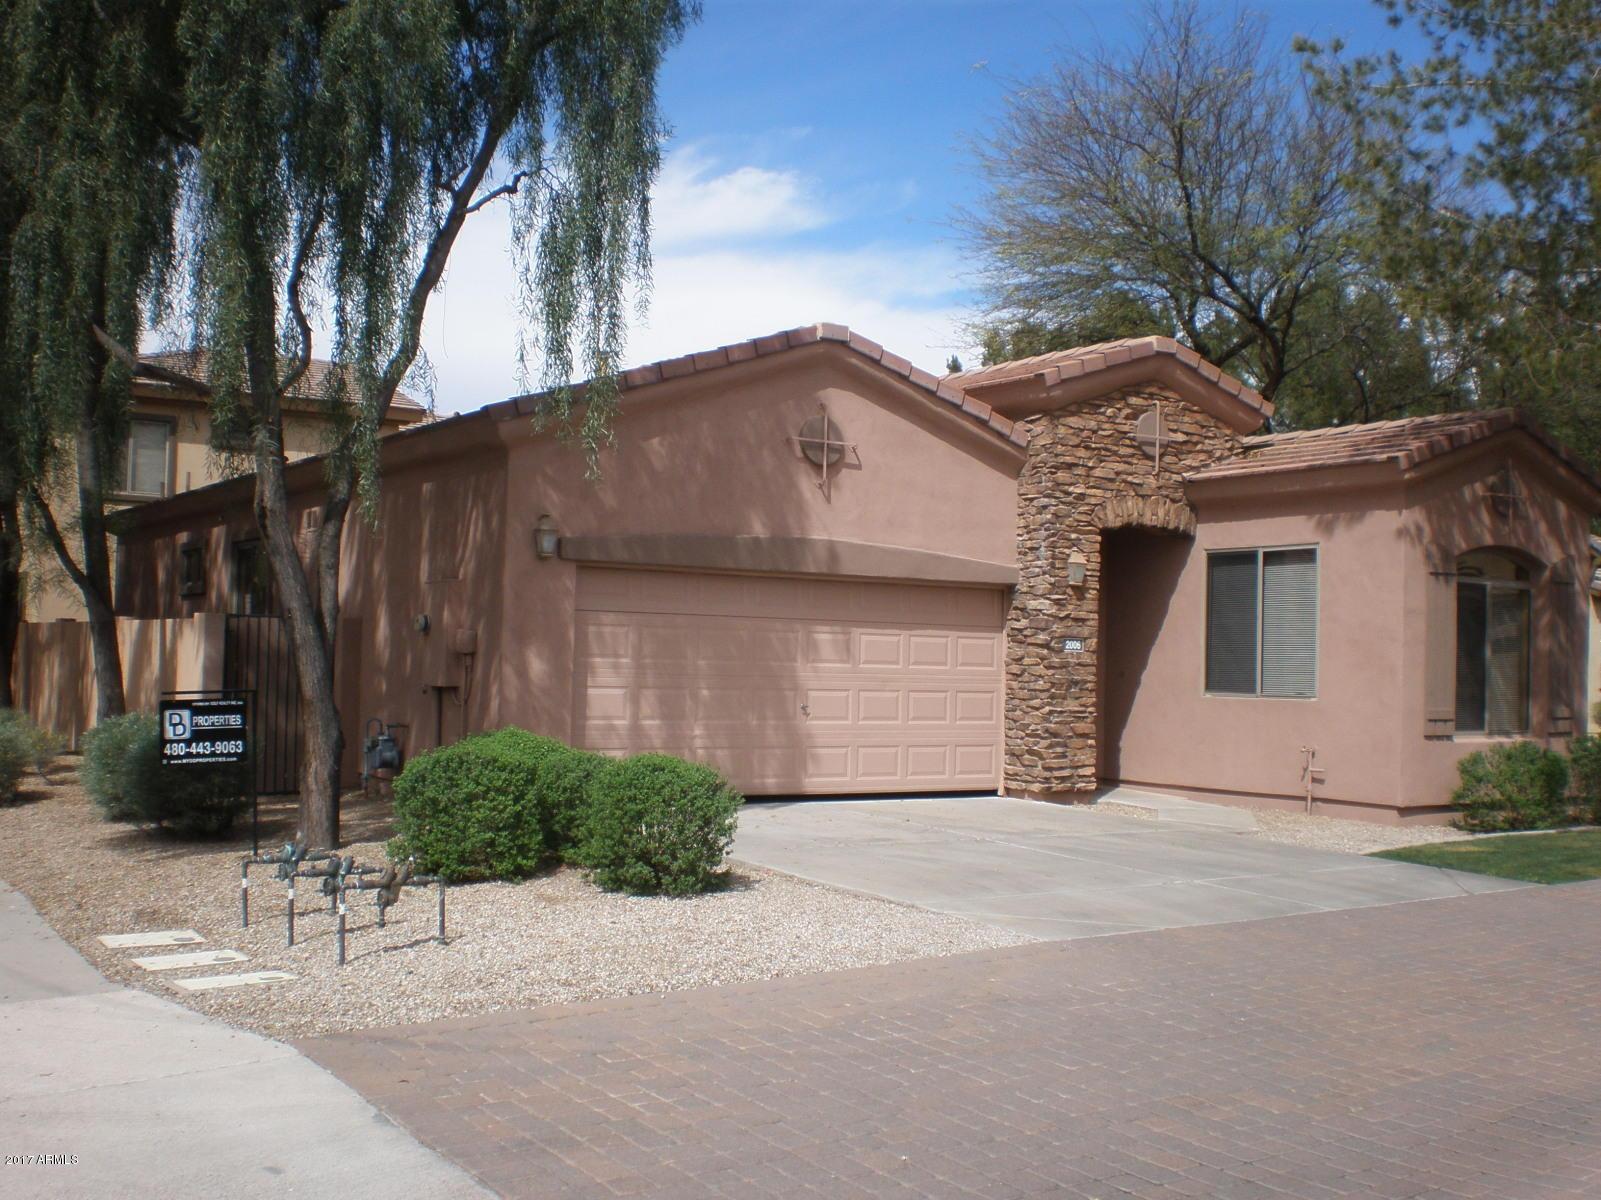 2006 W PERIWINKLE Way, Chandler, AZ 85248